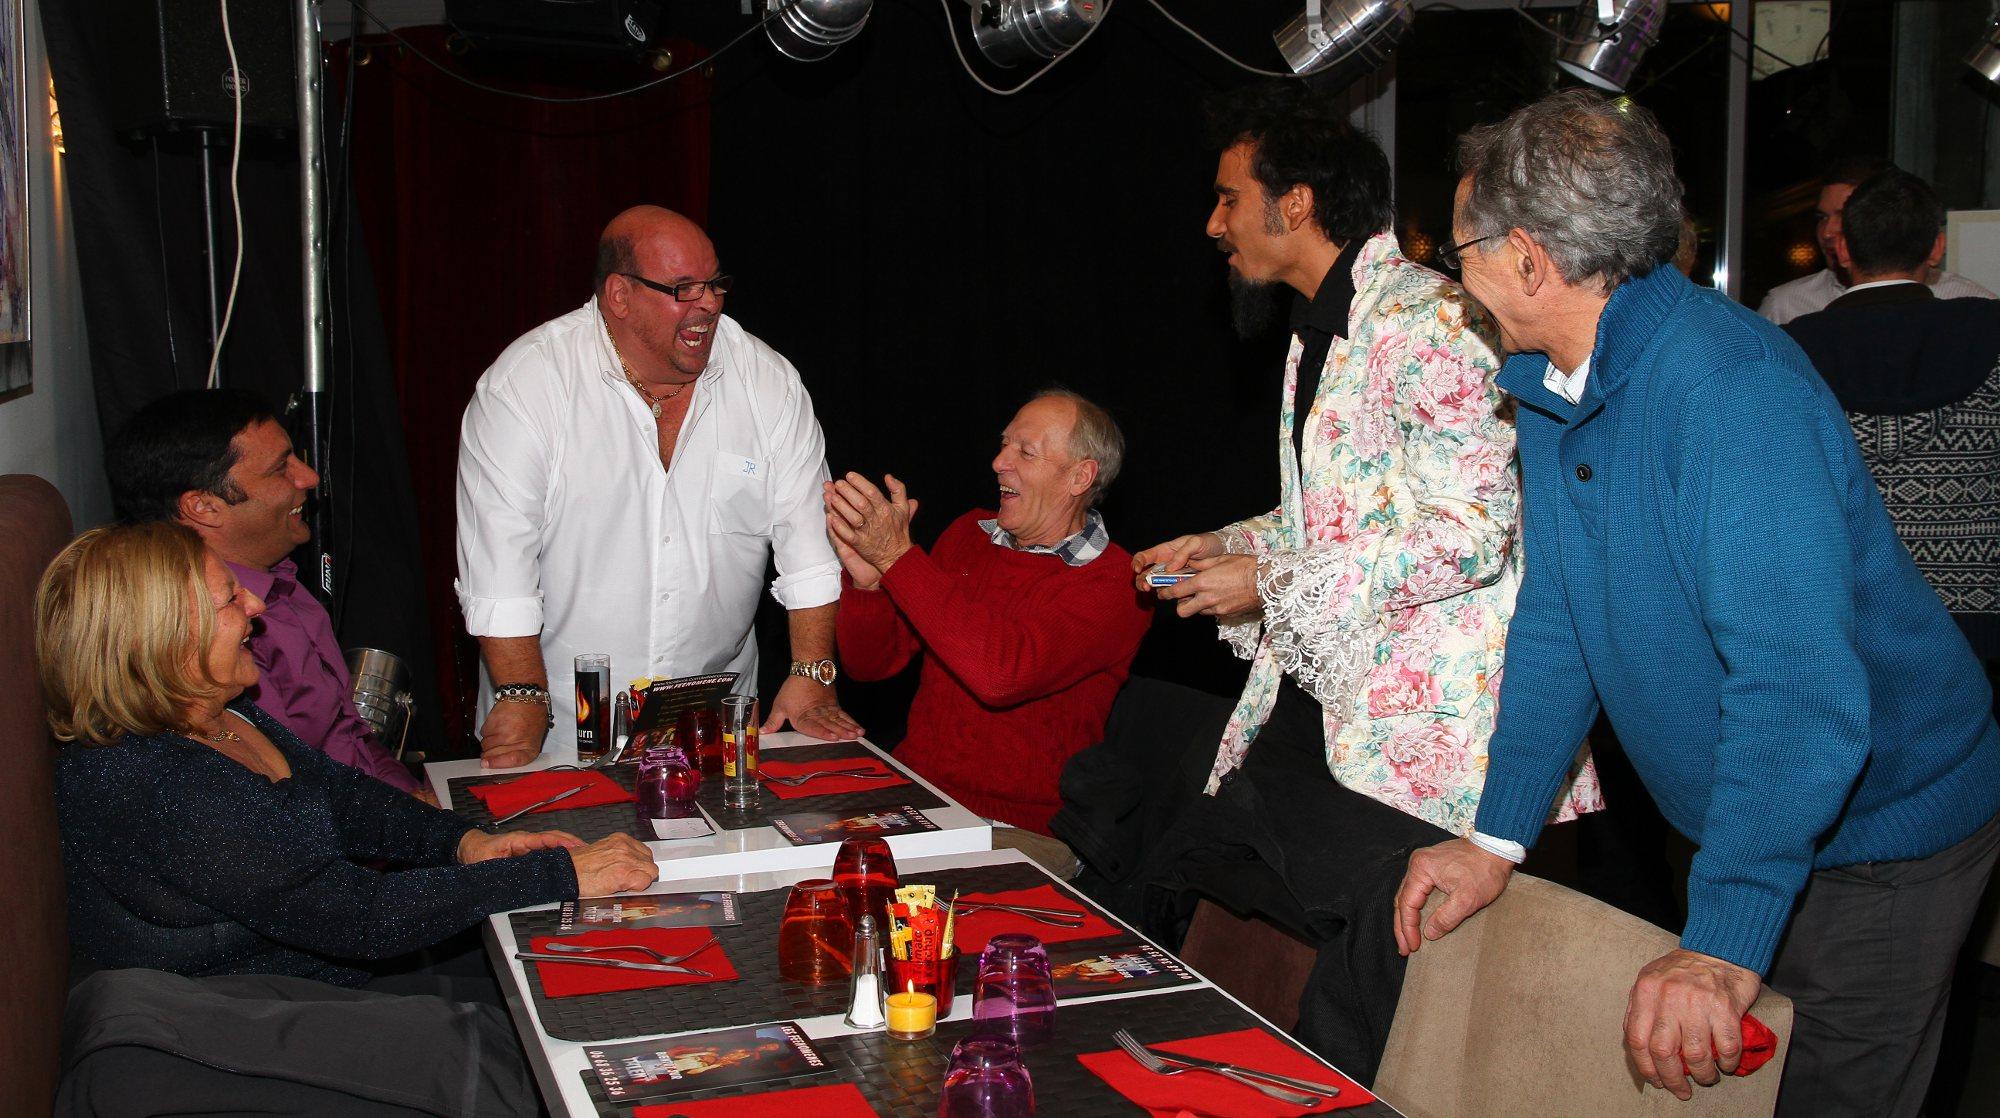 Le magicien a domicile fait du close up d'aix à Marseille pour une anniversaire, mariage, mairie, entreprise.